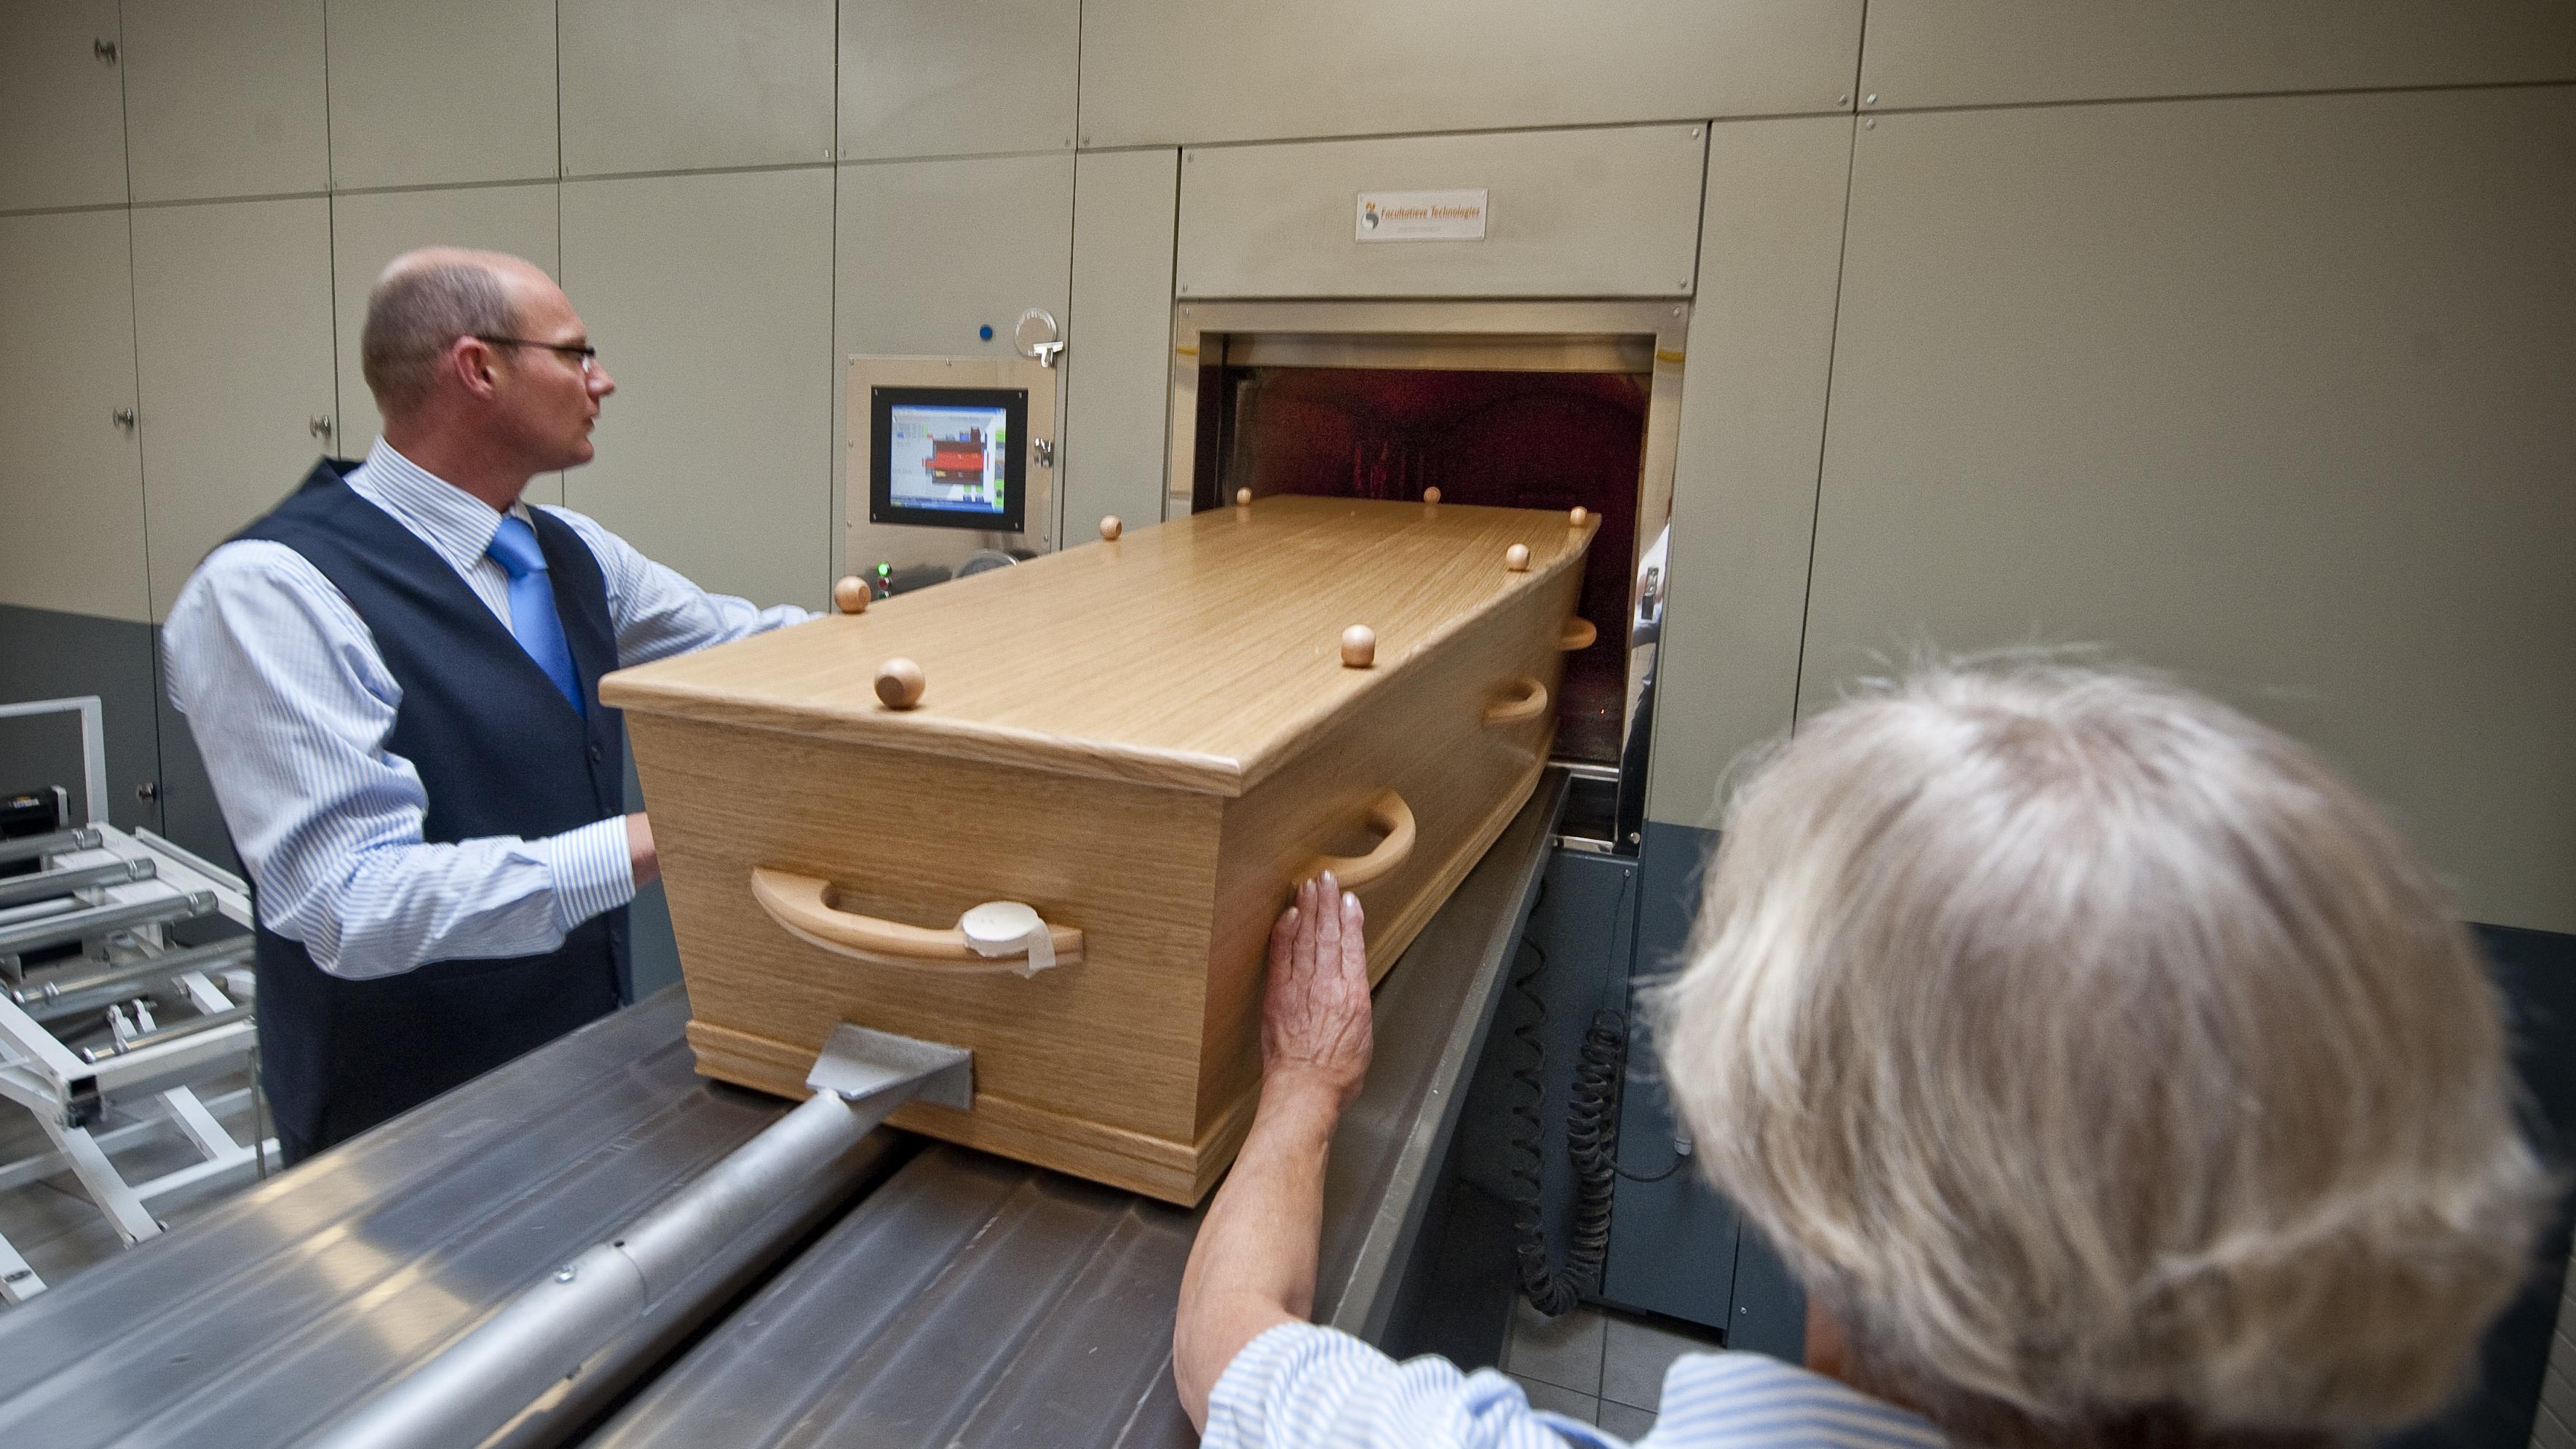 Crematorium in Usselo opent de deuren voor belangstellenden: www.rtvoost.nl/nieuws/default.aspx?nid=219033